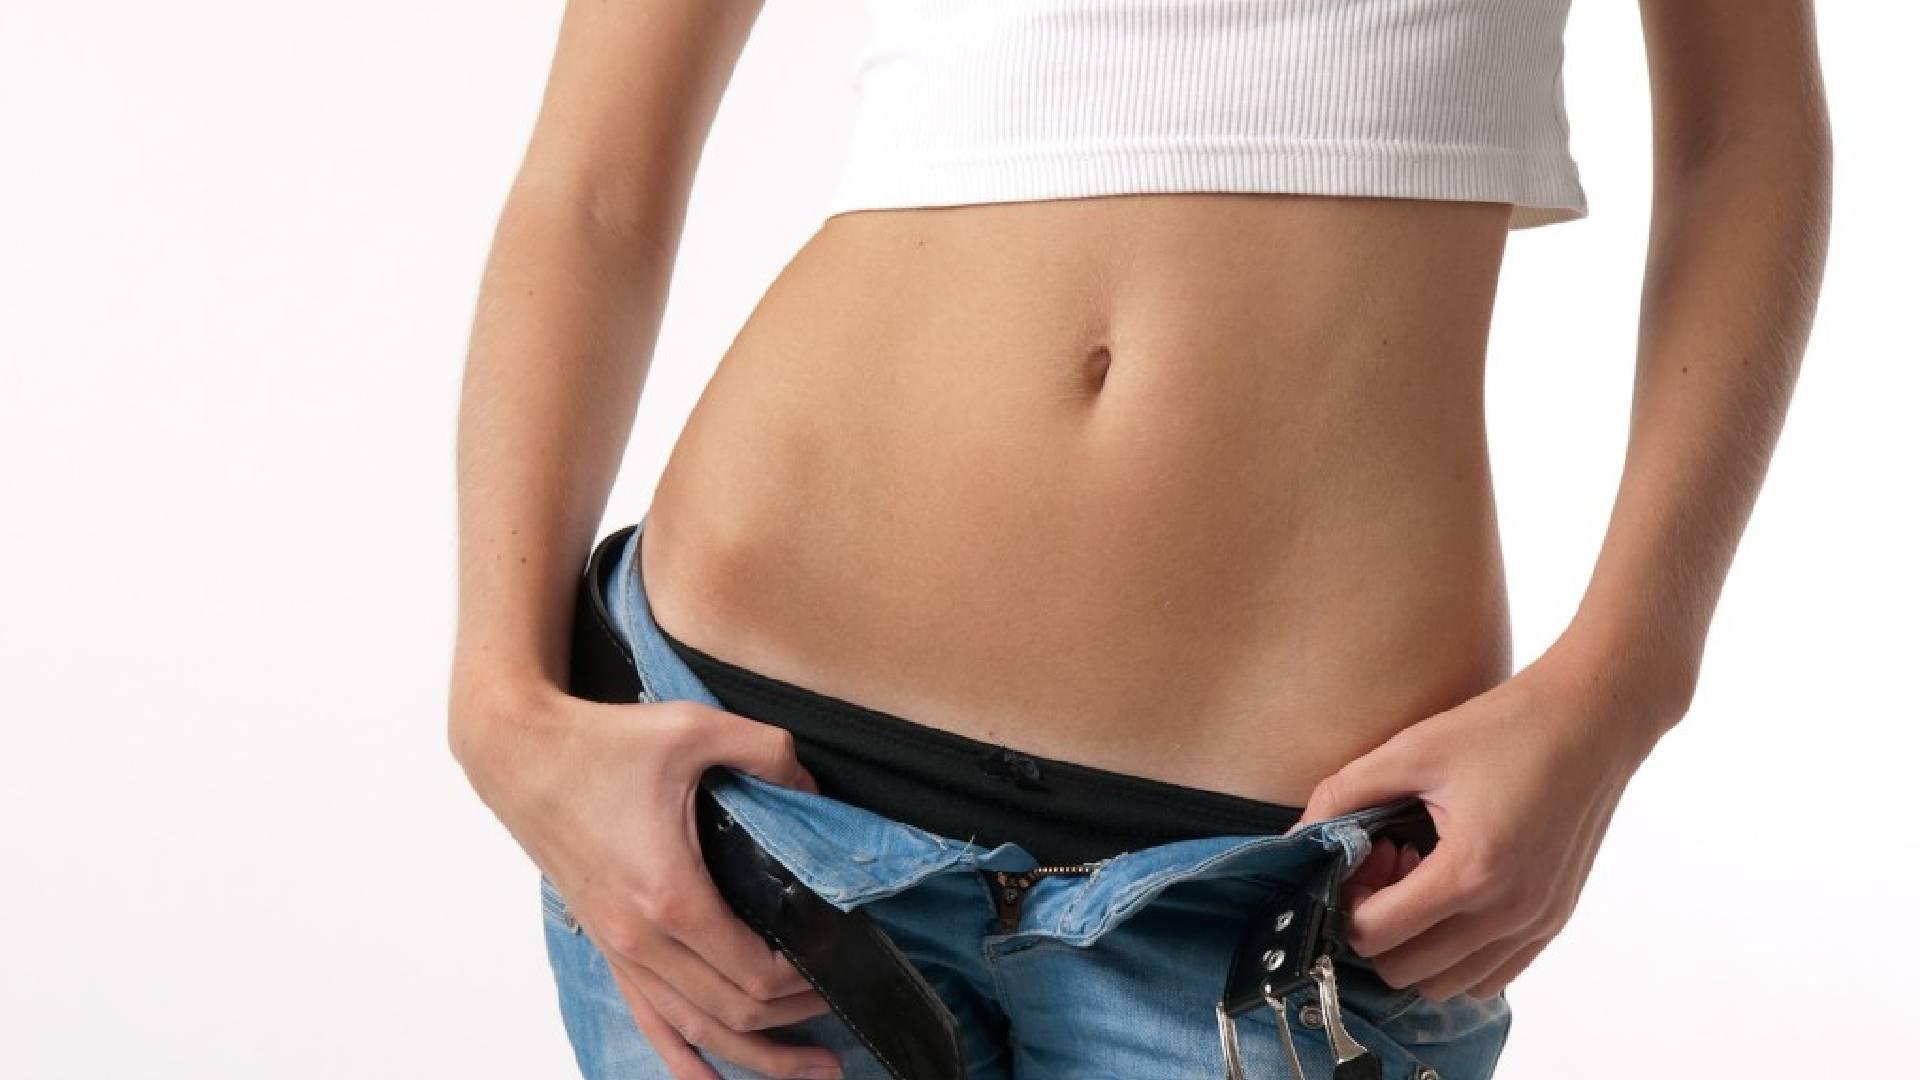 Weight Loss Tips: बिना जिम जाए भी अब छूमंतर होगा आपका पेट, घर में ही छिपे हैं चर्बी कम करने के ये 4 उपाय